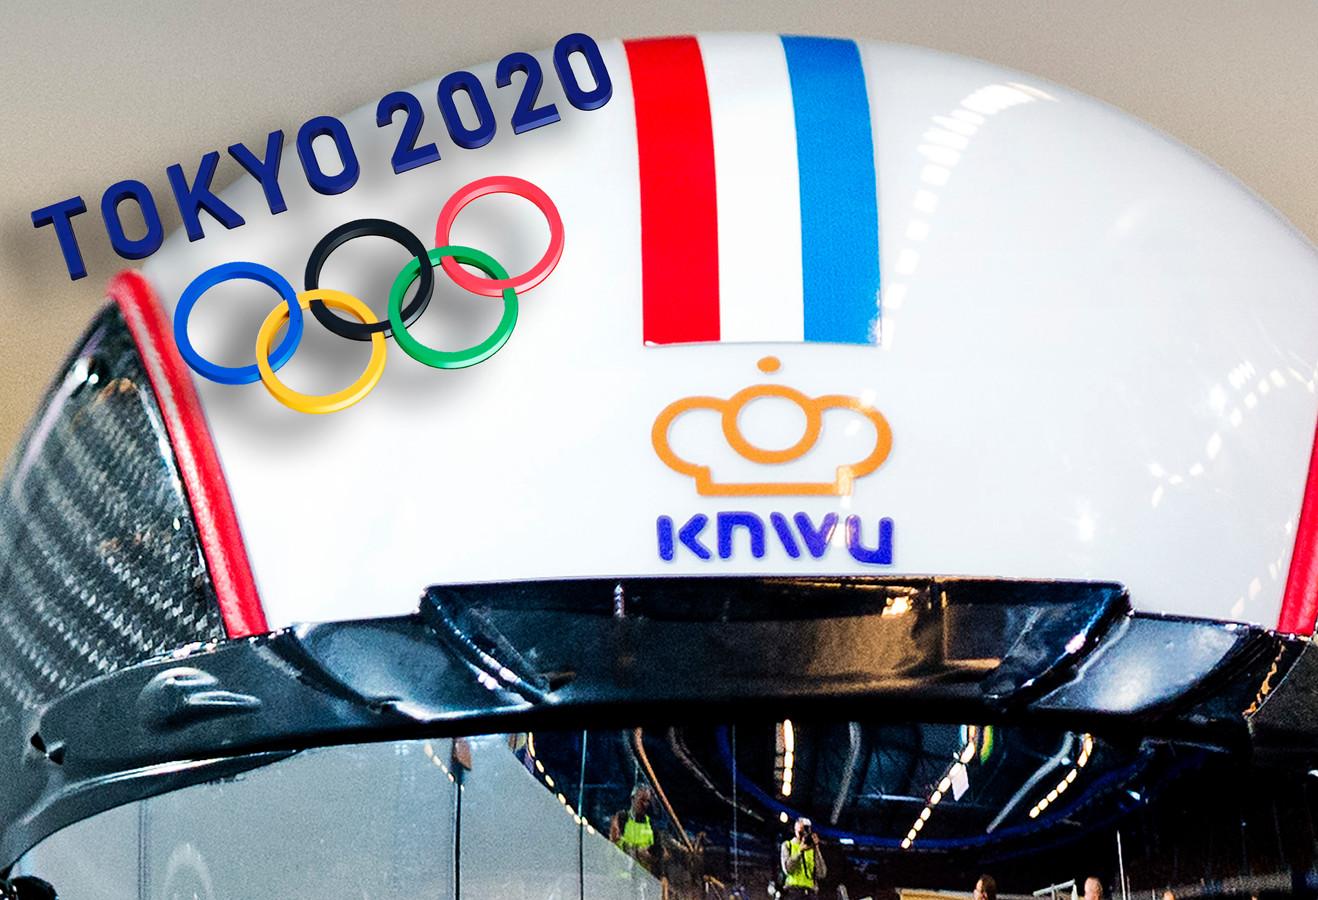 Het logo van de KNWU op een helm van een baanwielrenster. Inzet: het logo van Tokio 2020.